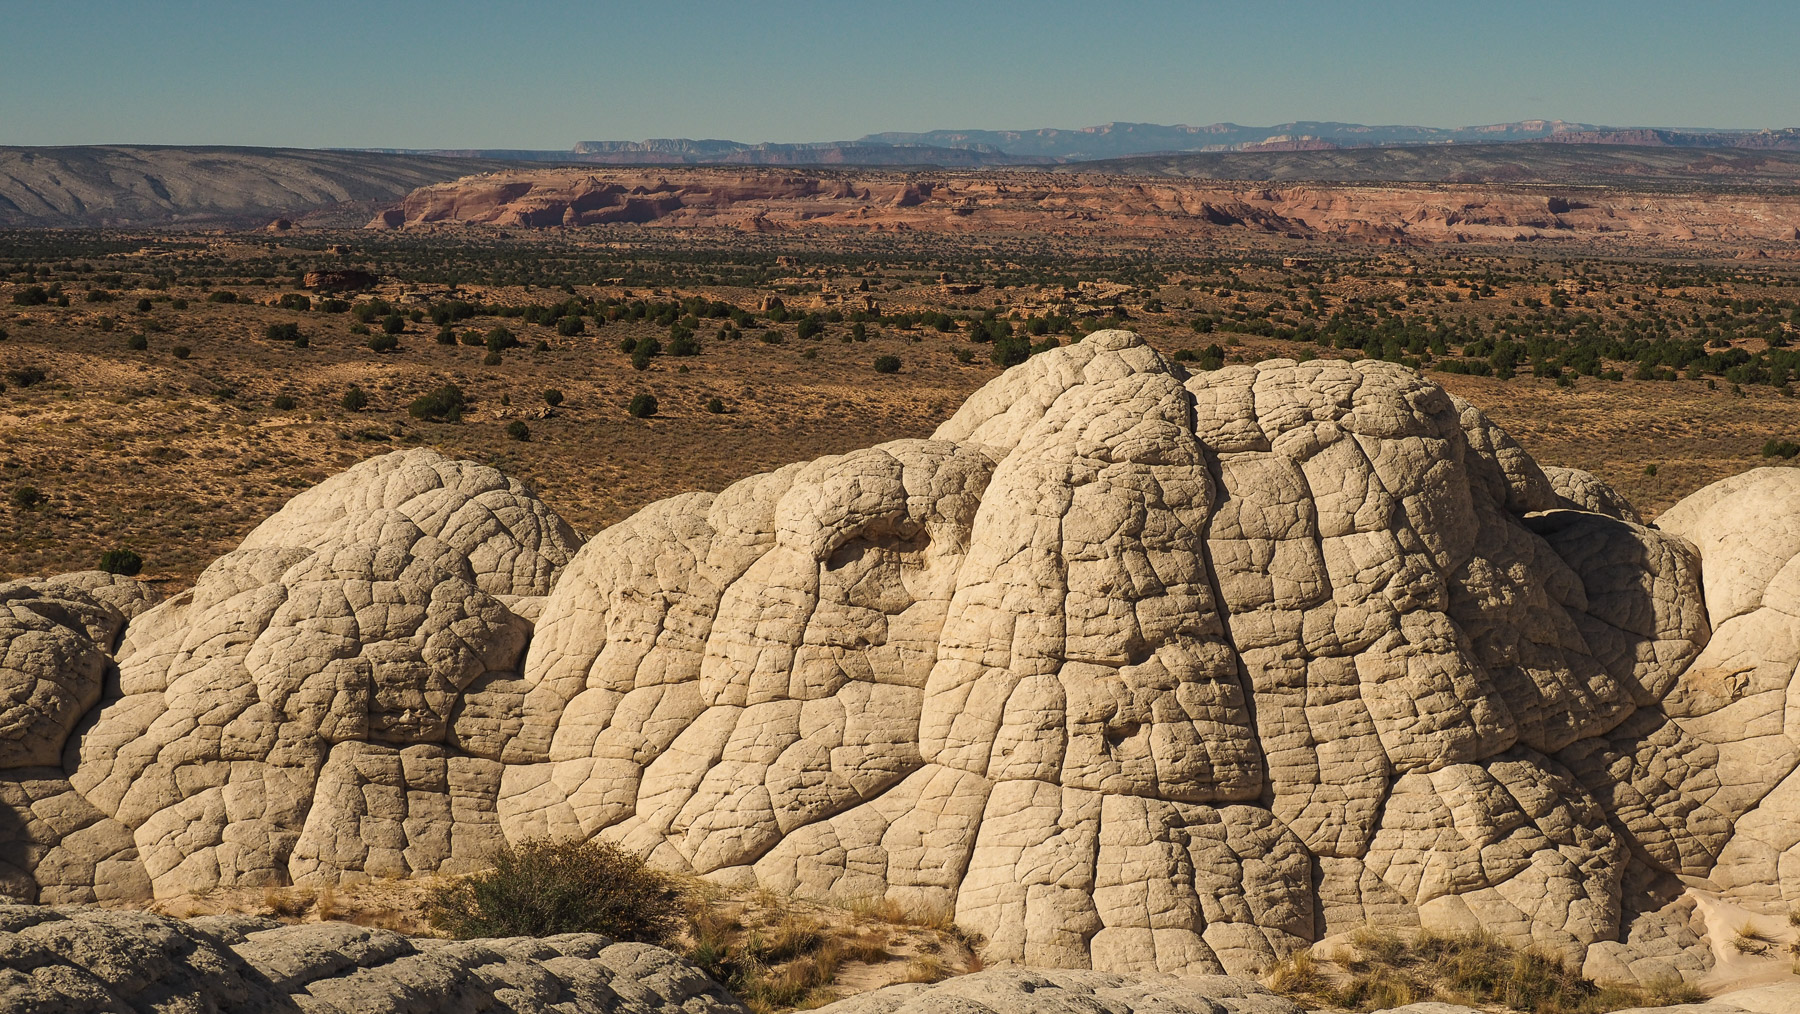 White Pocket in Utah, kleine seltsam geformte Felsformation (versteinerter verschiedenfarbiger Schlamm bzw. Sanddünen)